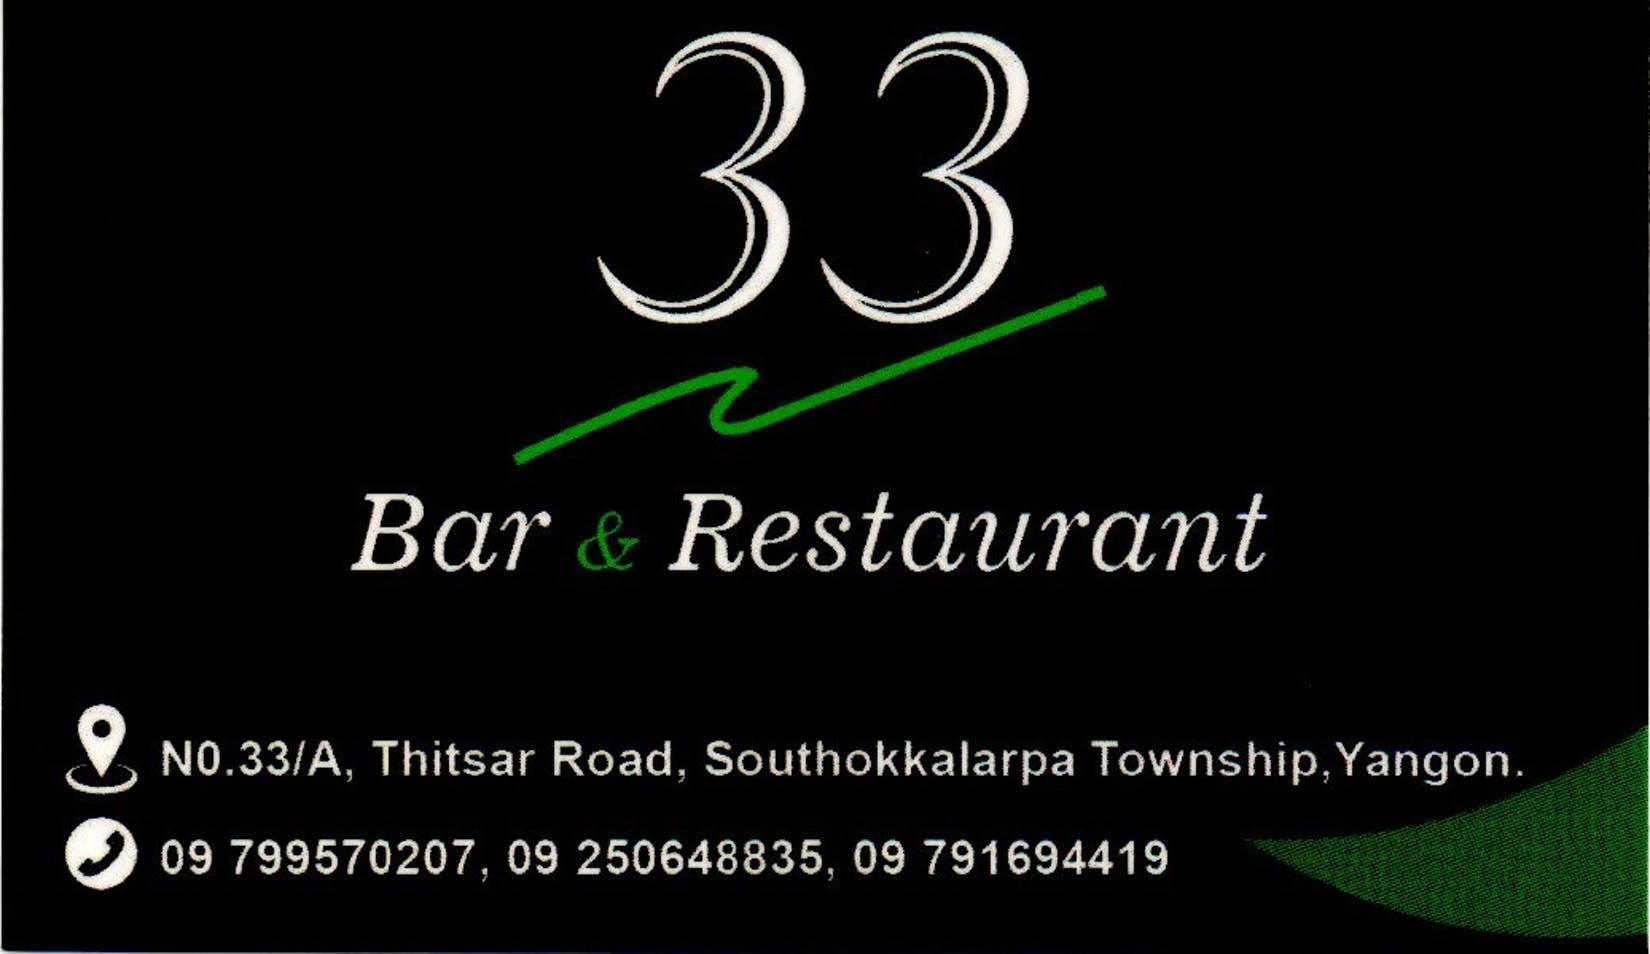 33 Bar & Restaurant | yathar